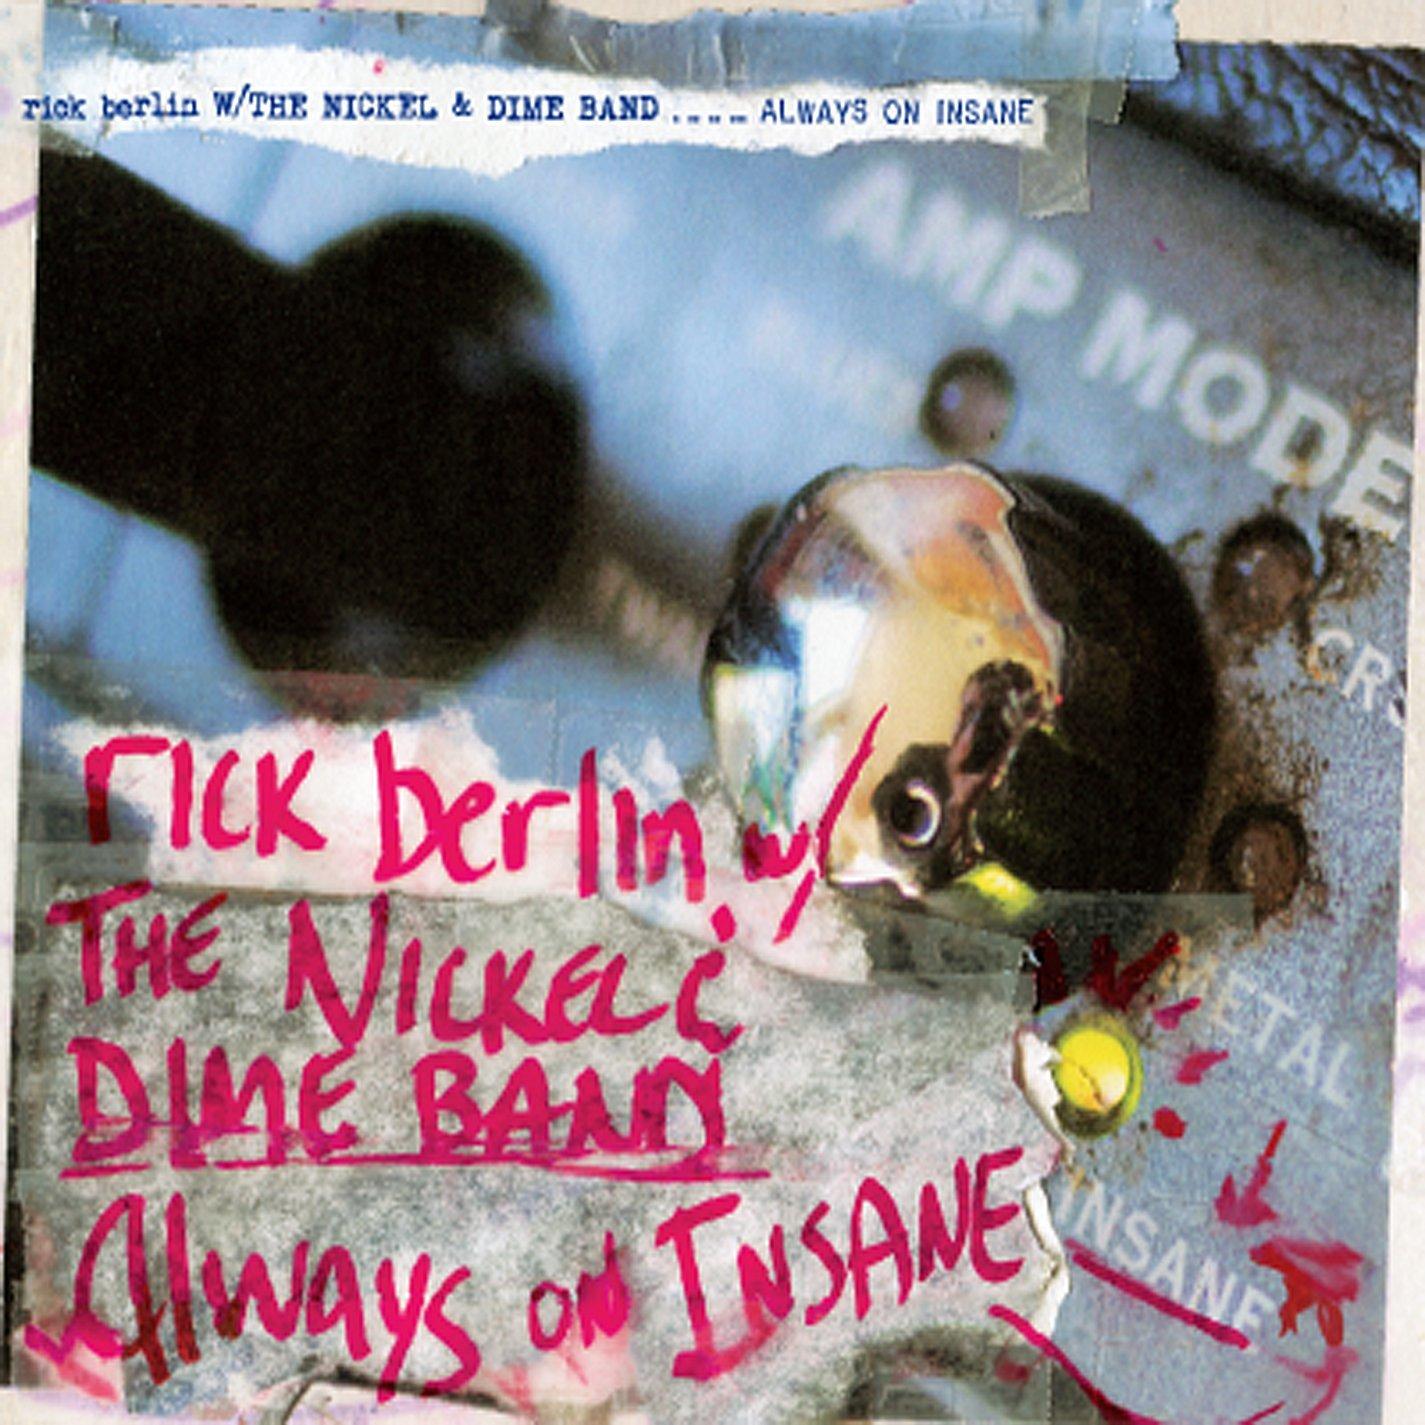 Rick Berlin